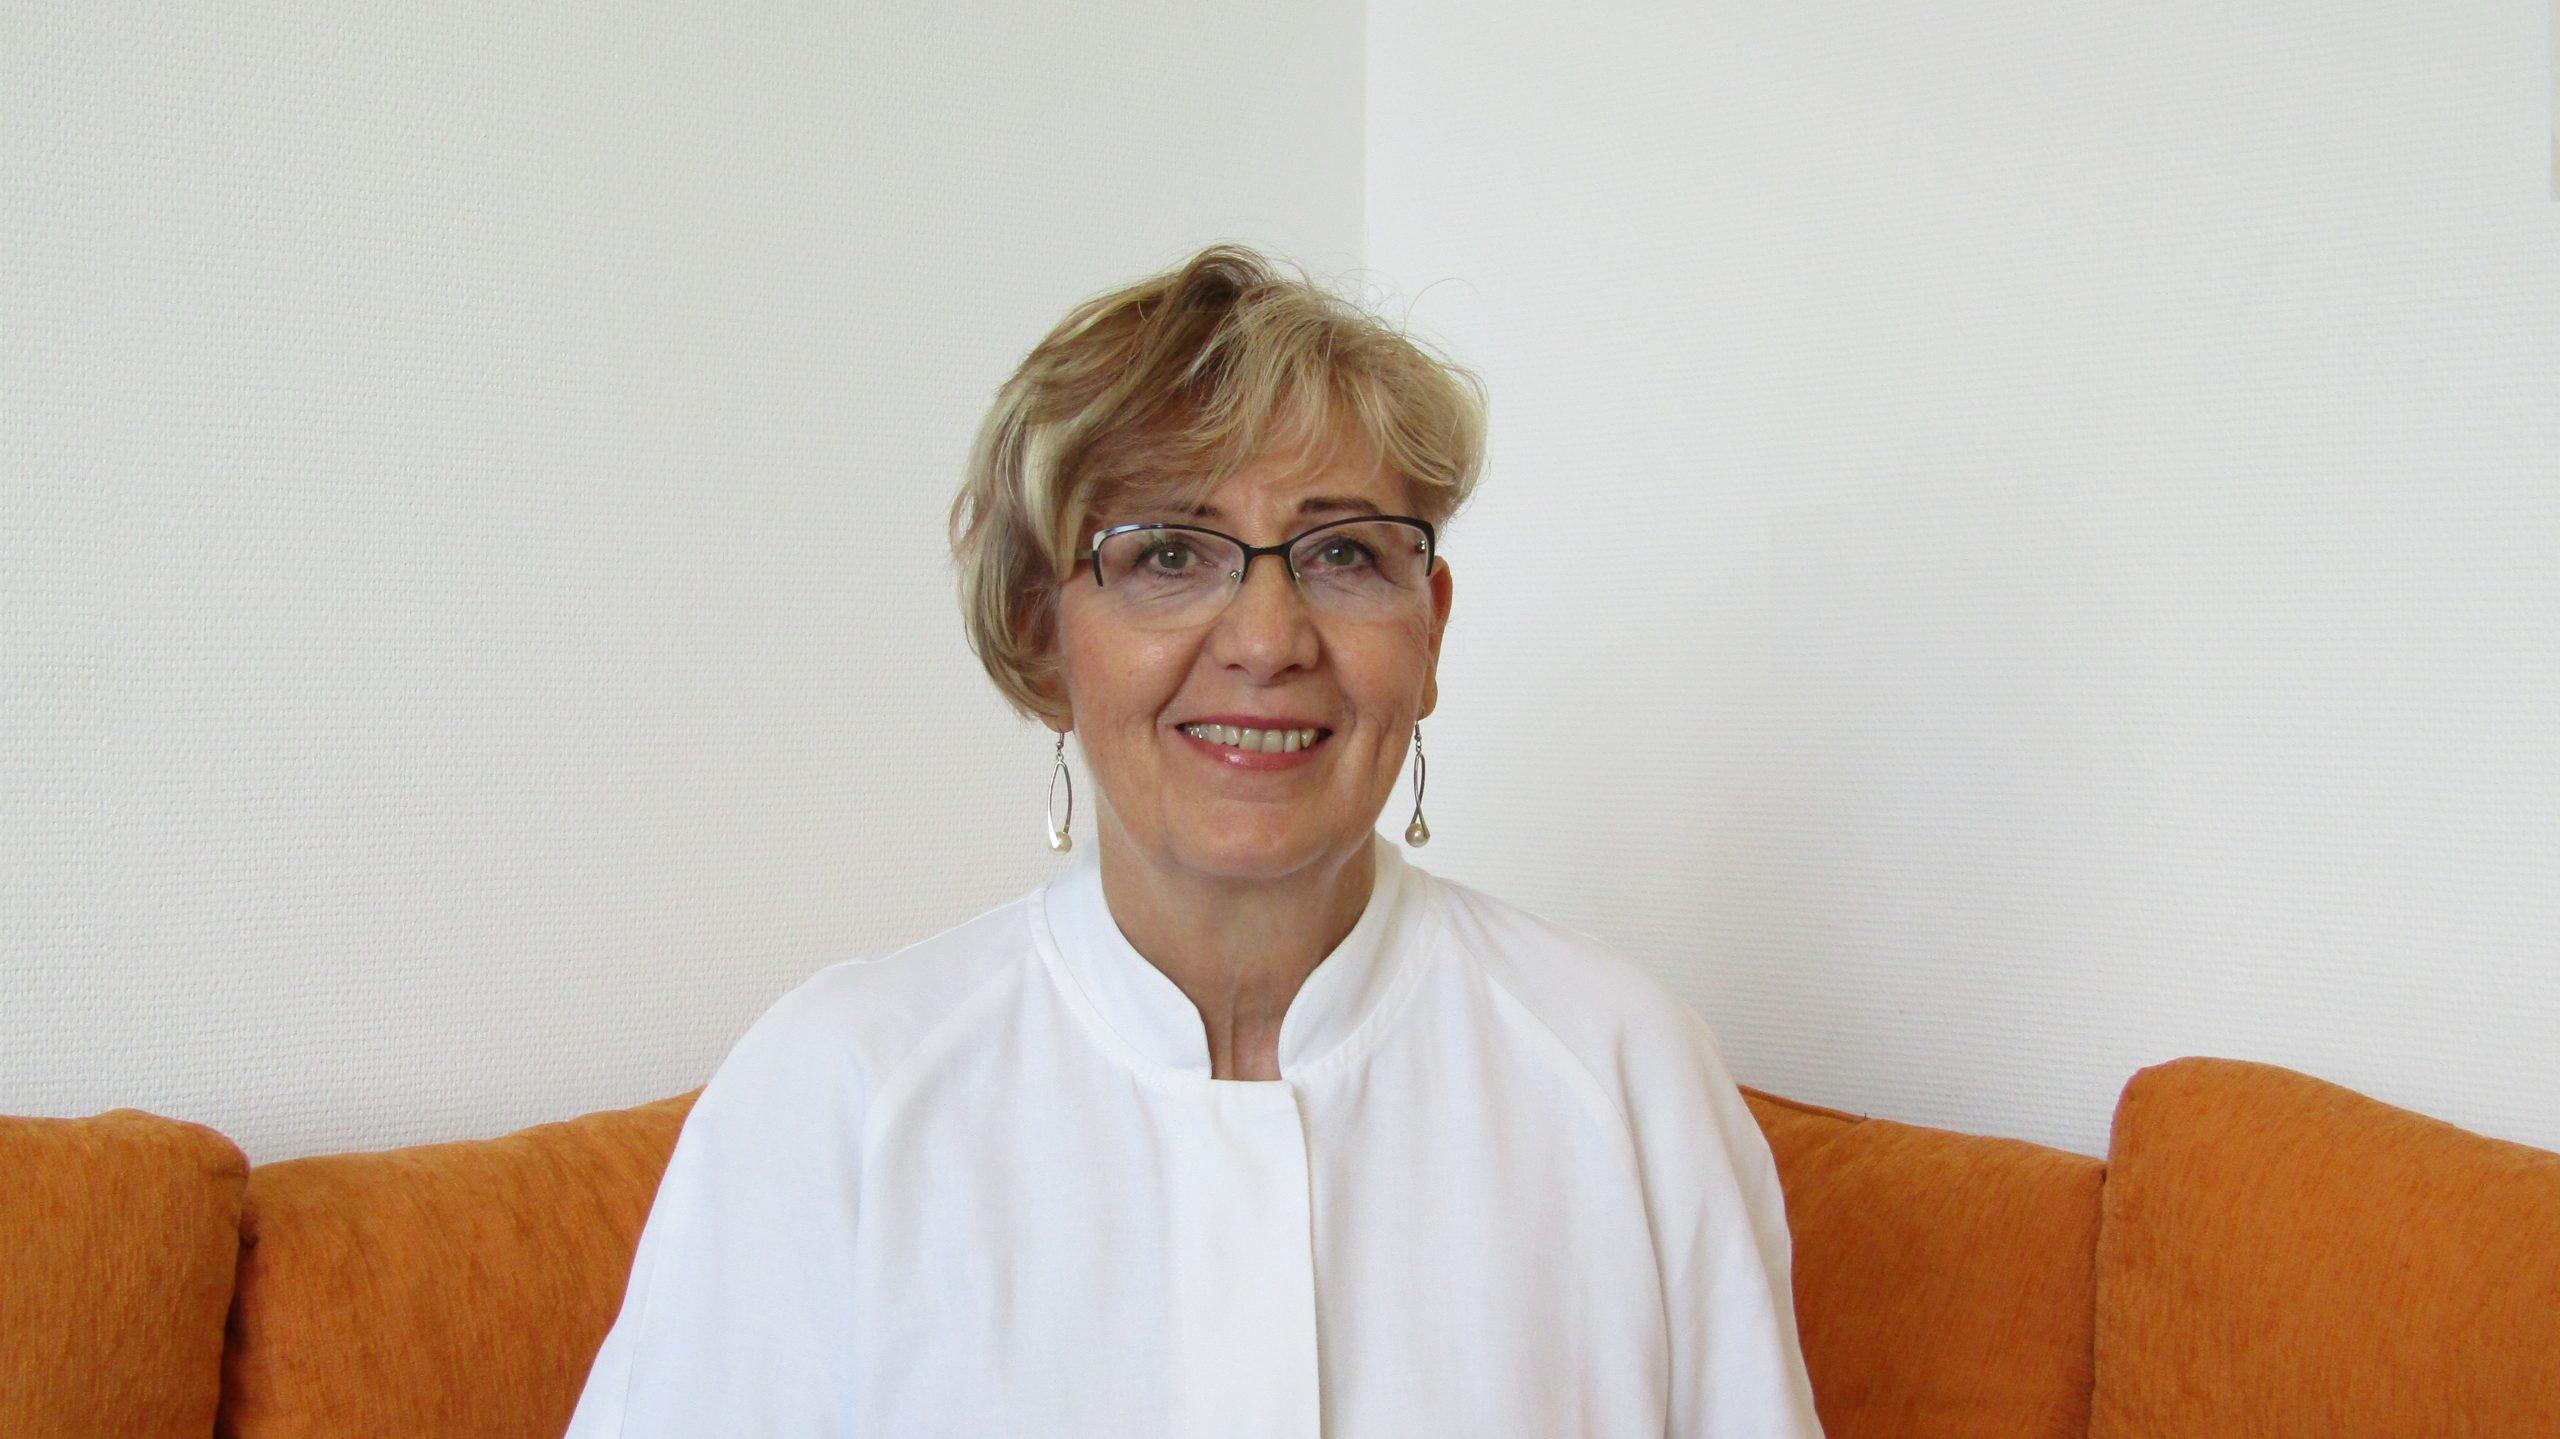 Dr. Várnai Lívia